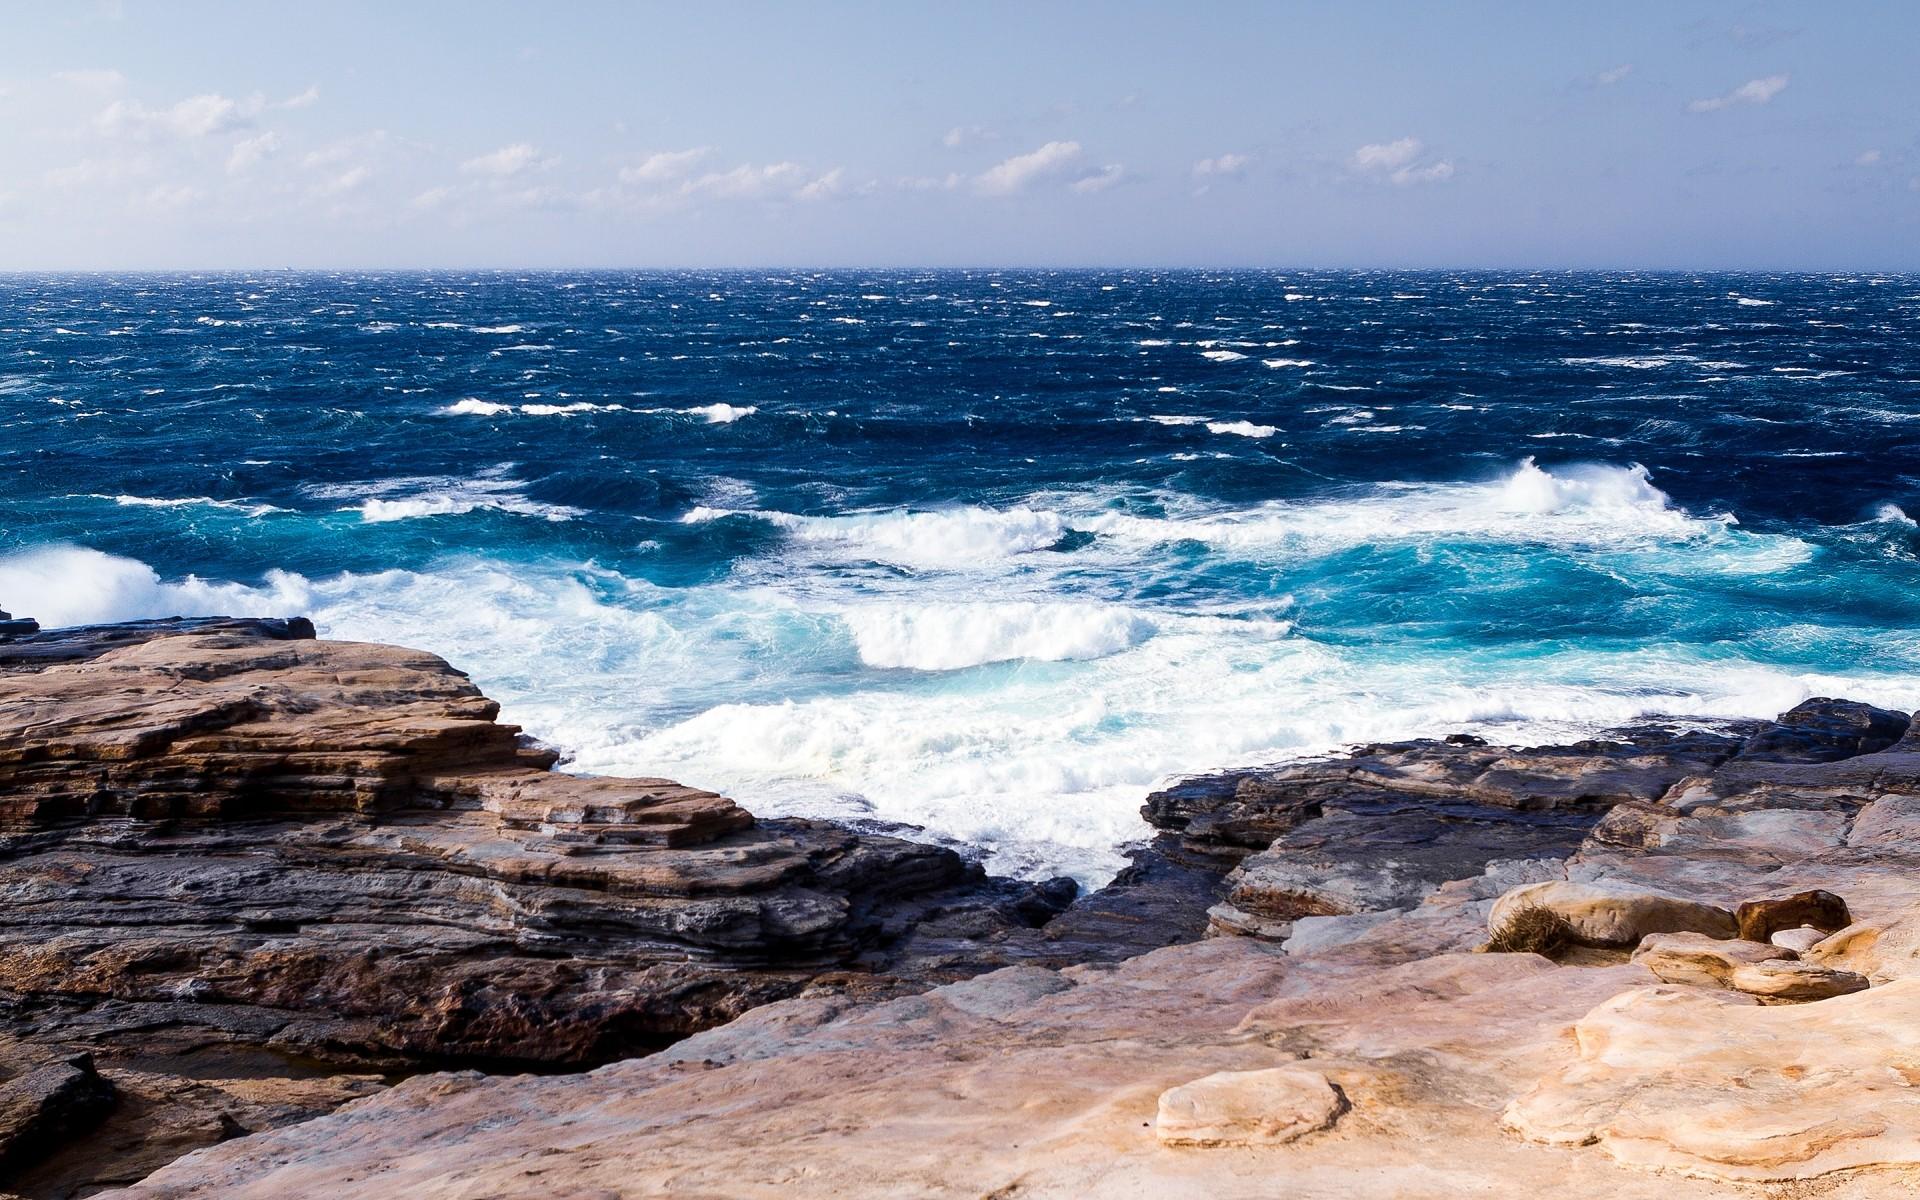 Фото морского пейзажа на рабочий стол